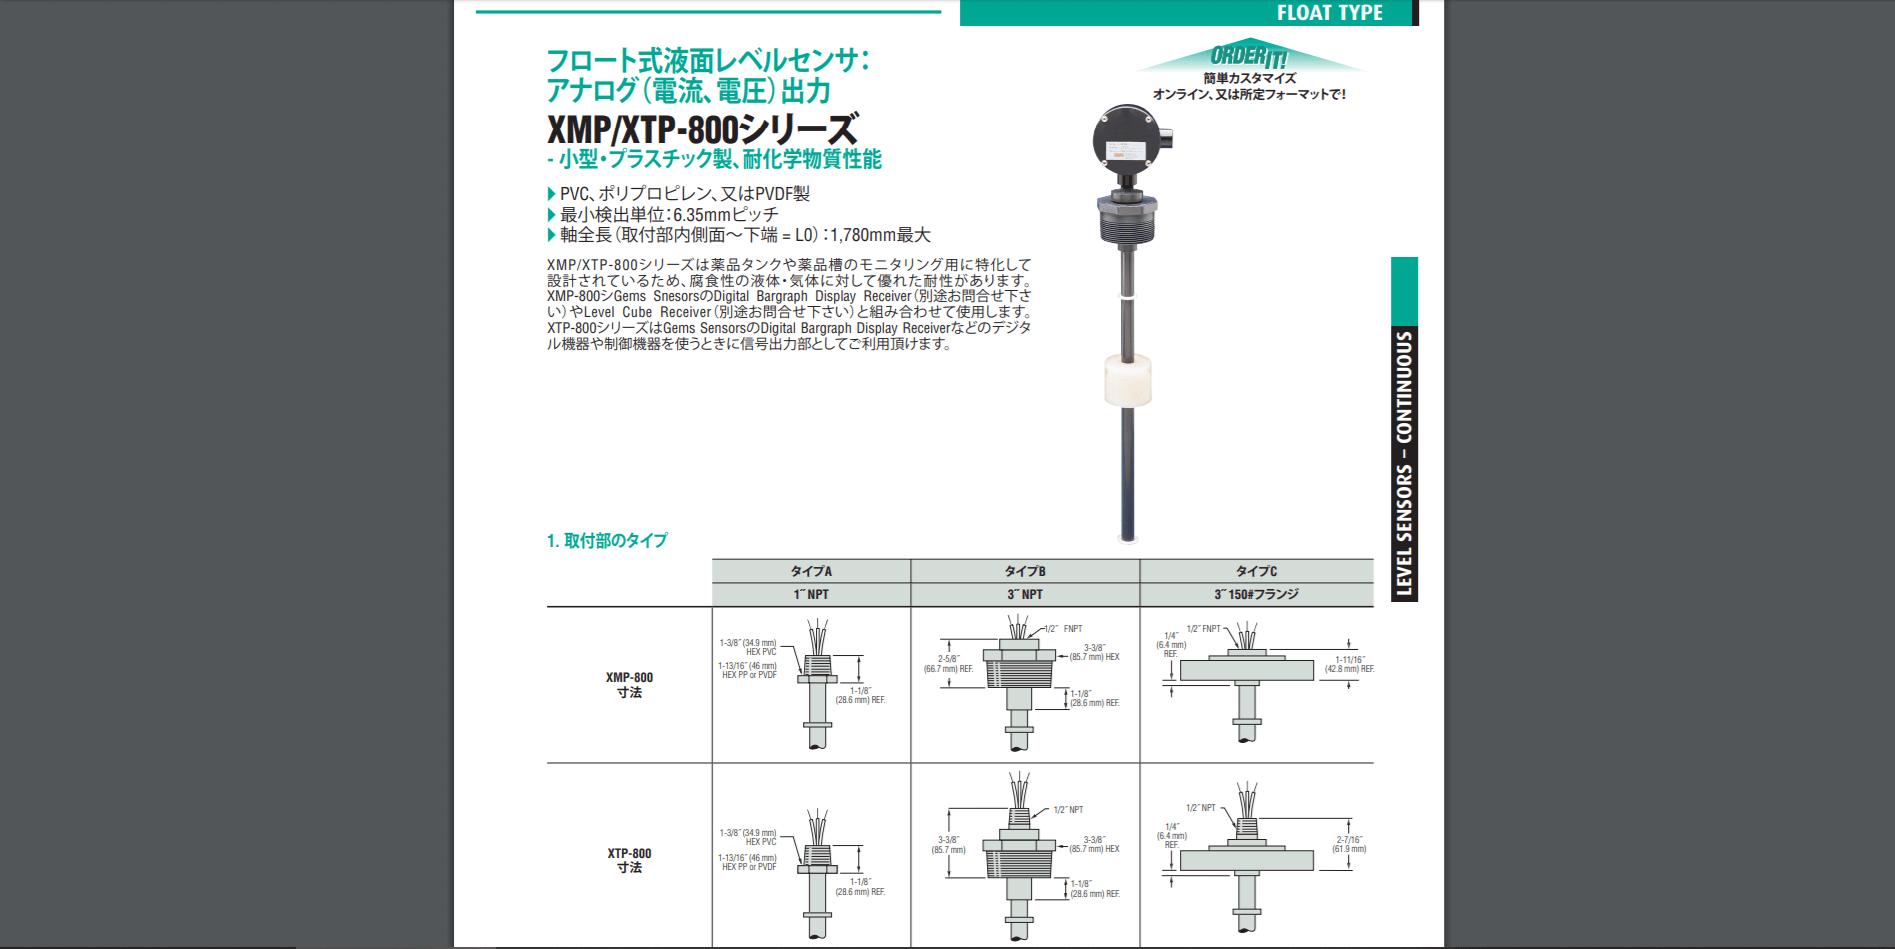 XMP/XTP-800